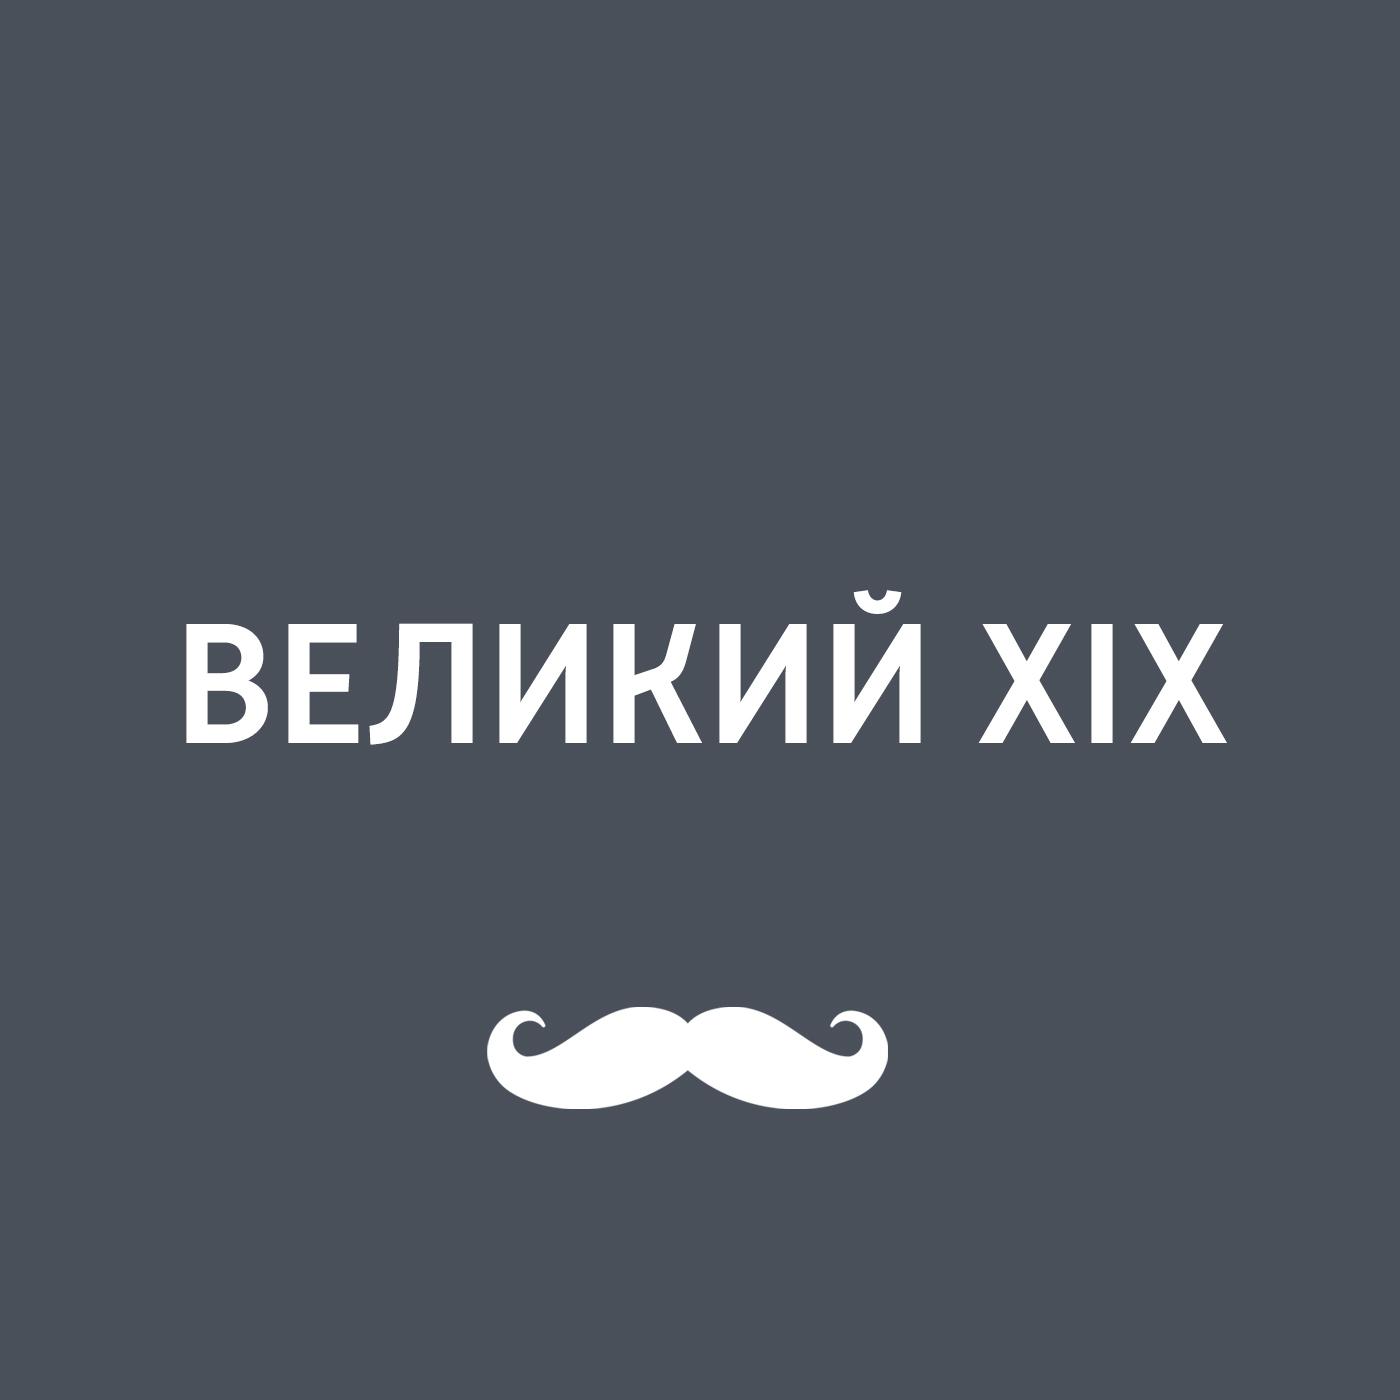 Кто был по национальности и кому молился российский люд в XIX веке